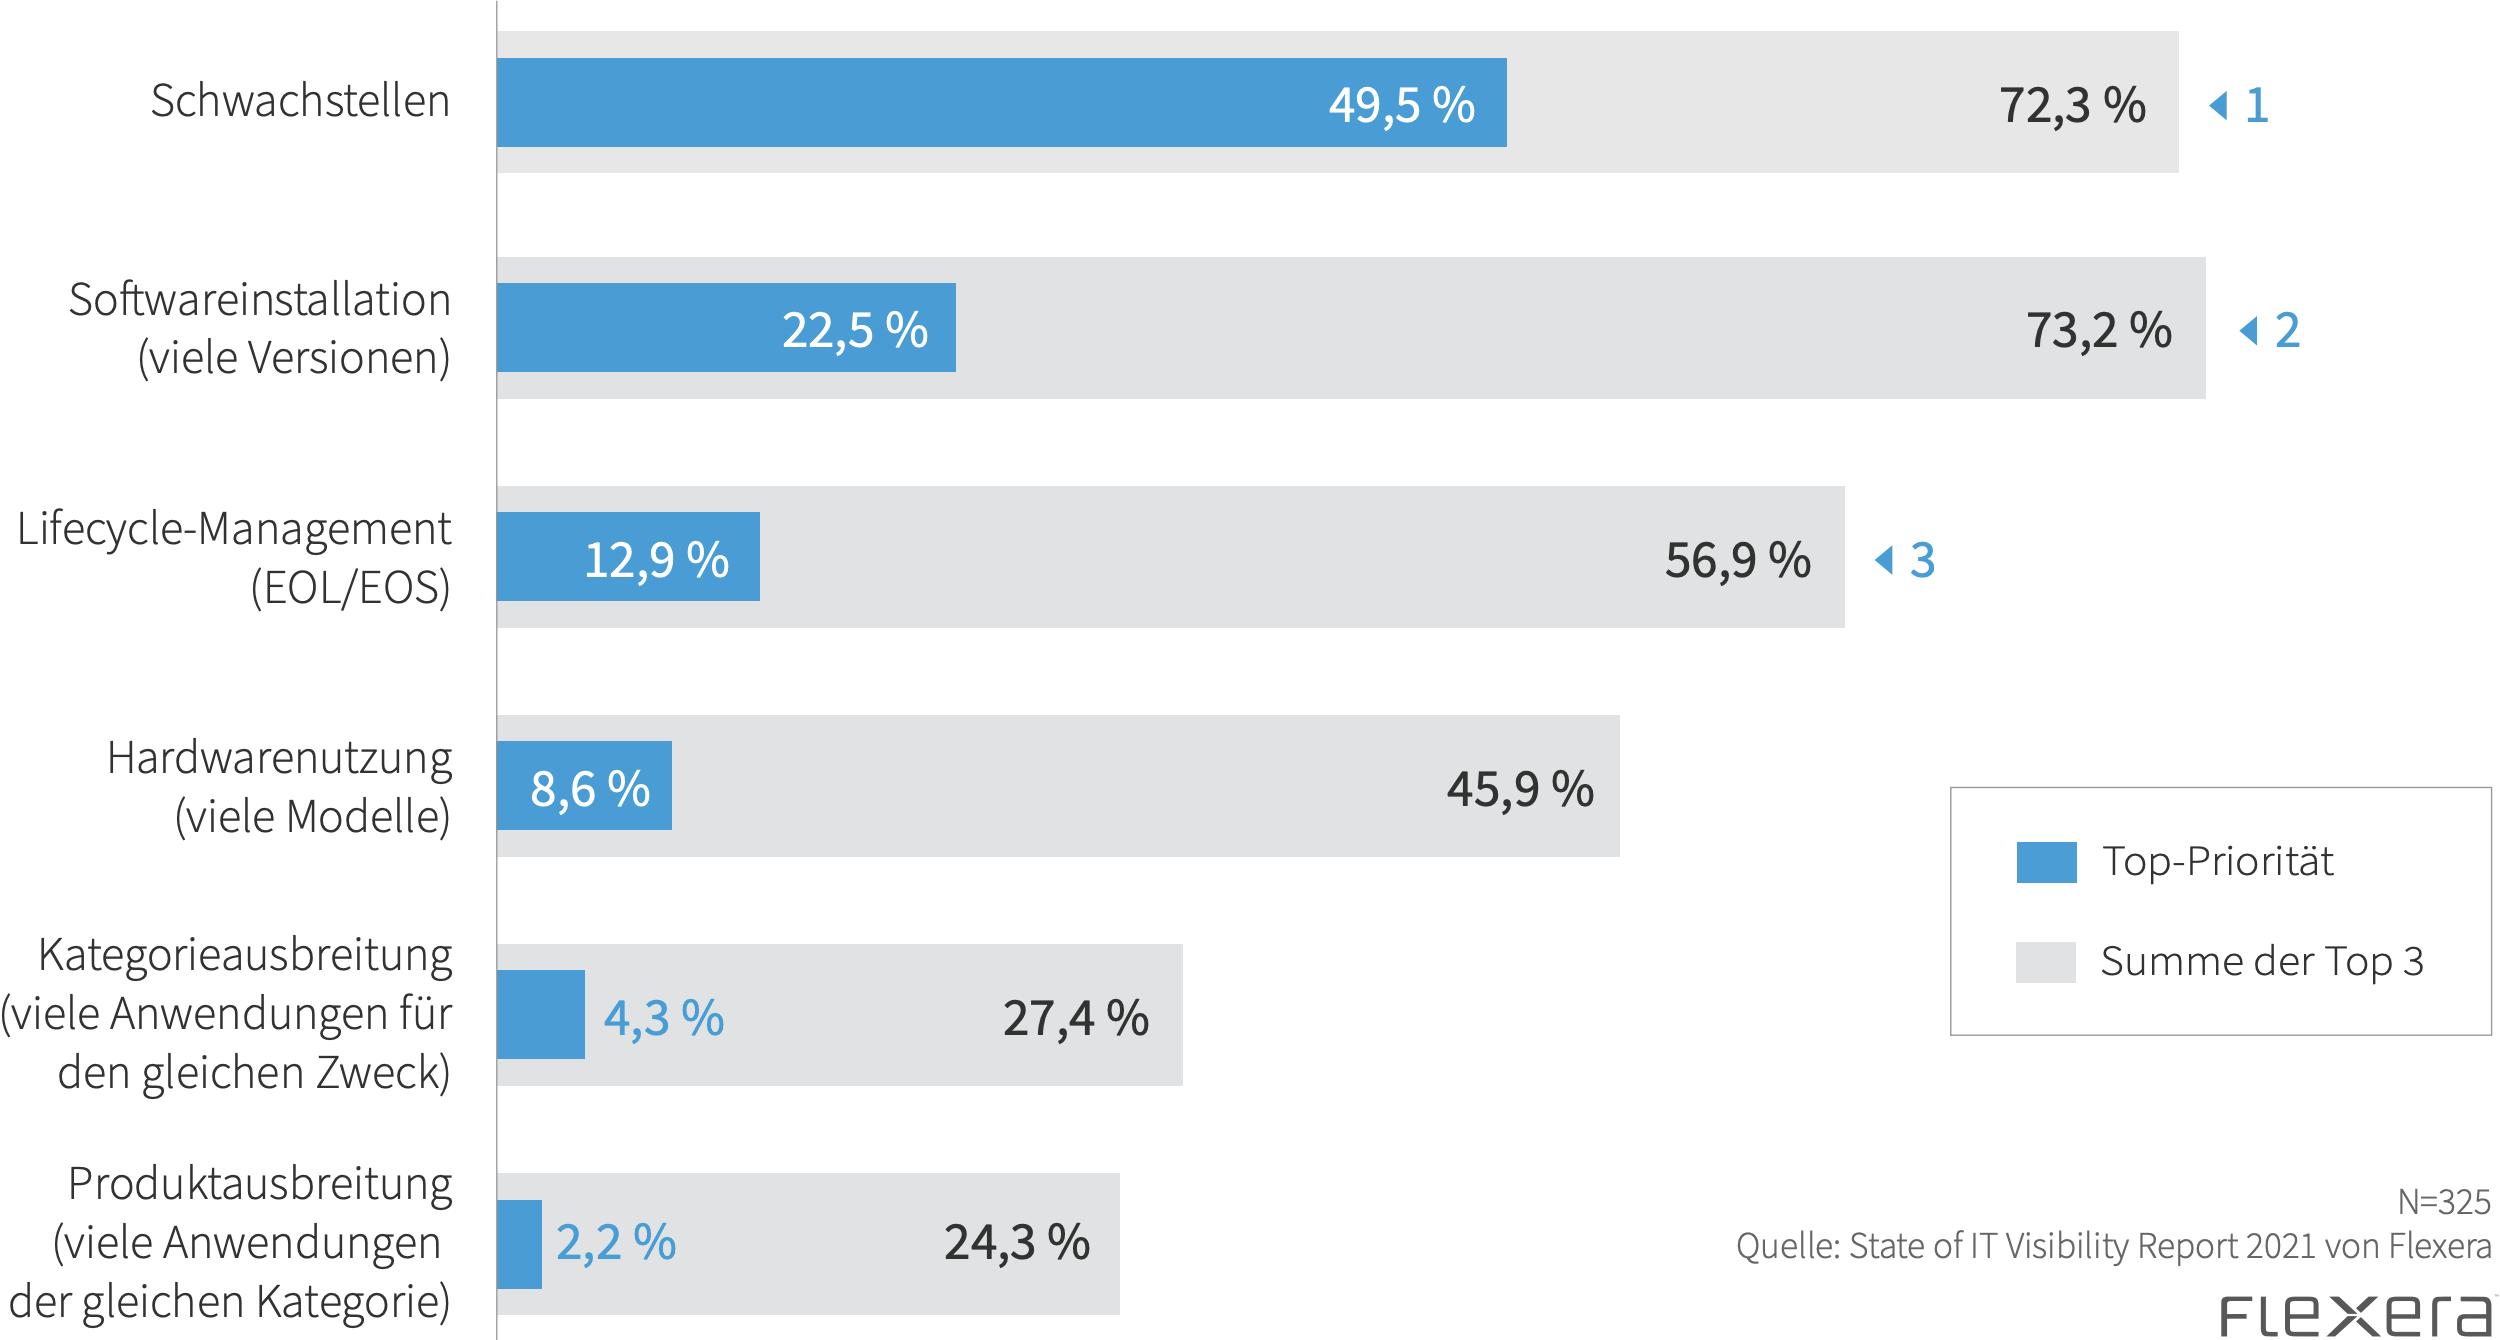 Was sind Ihre größten Bedenken bezüglich Ihrer IT-Assets?